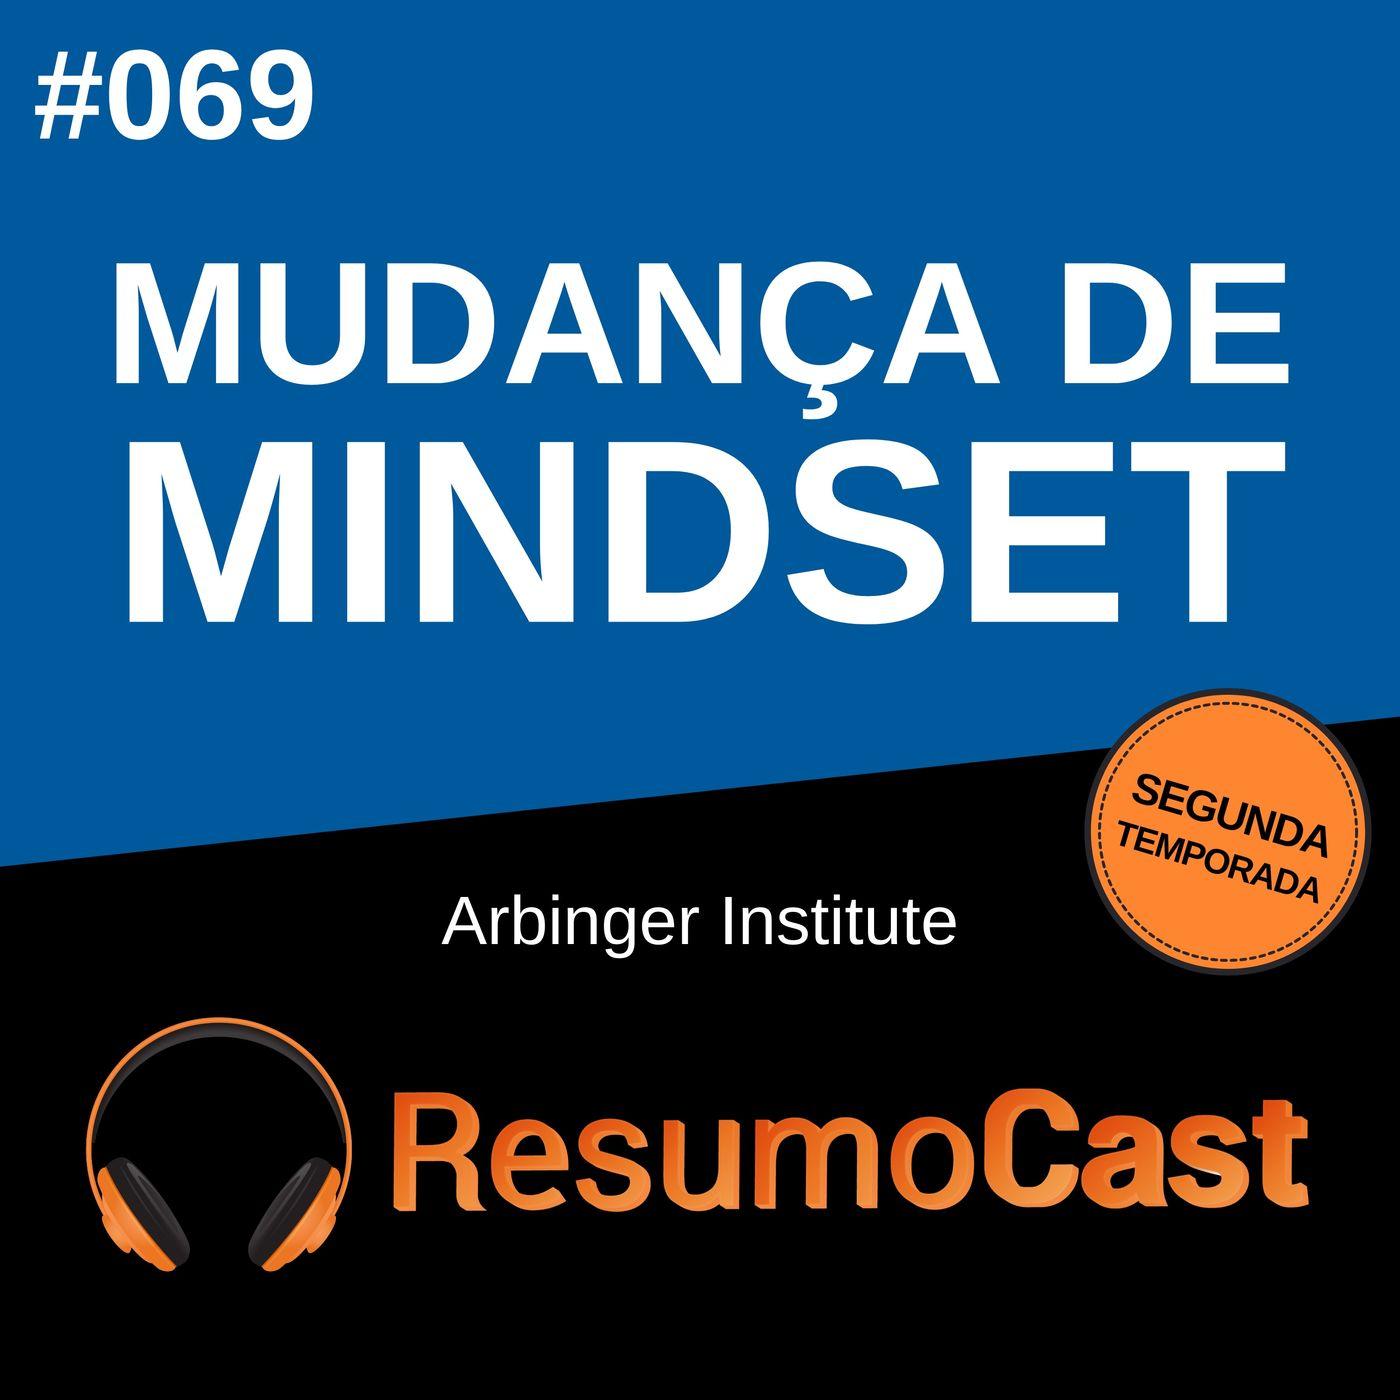 T2#069 Mudança de mindset   The Arbinger Institute